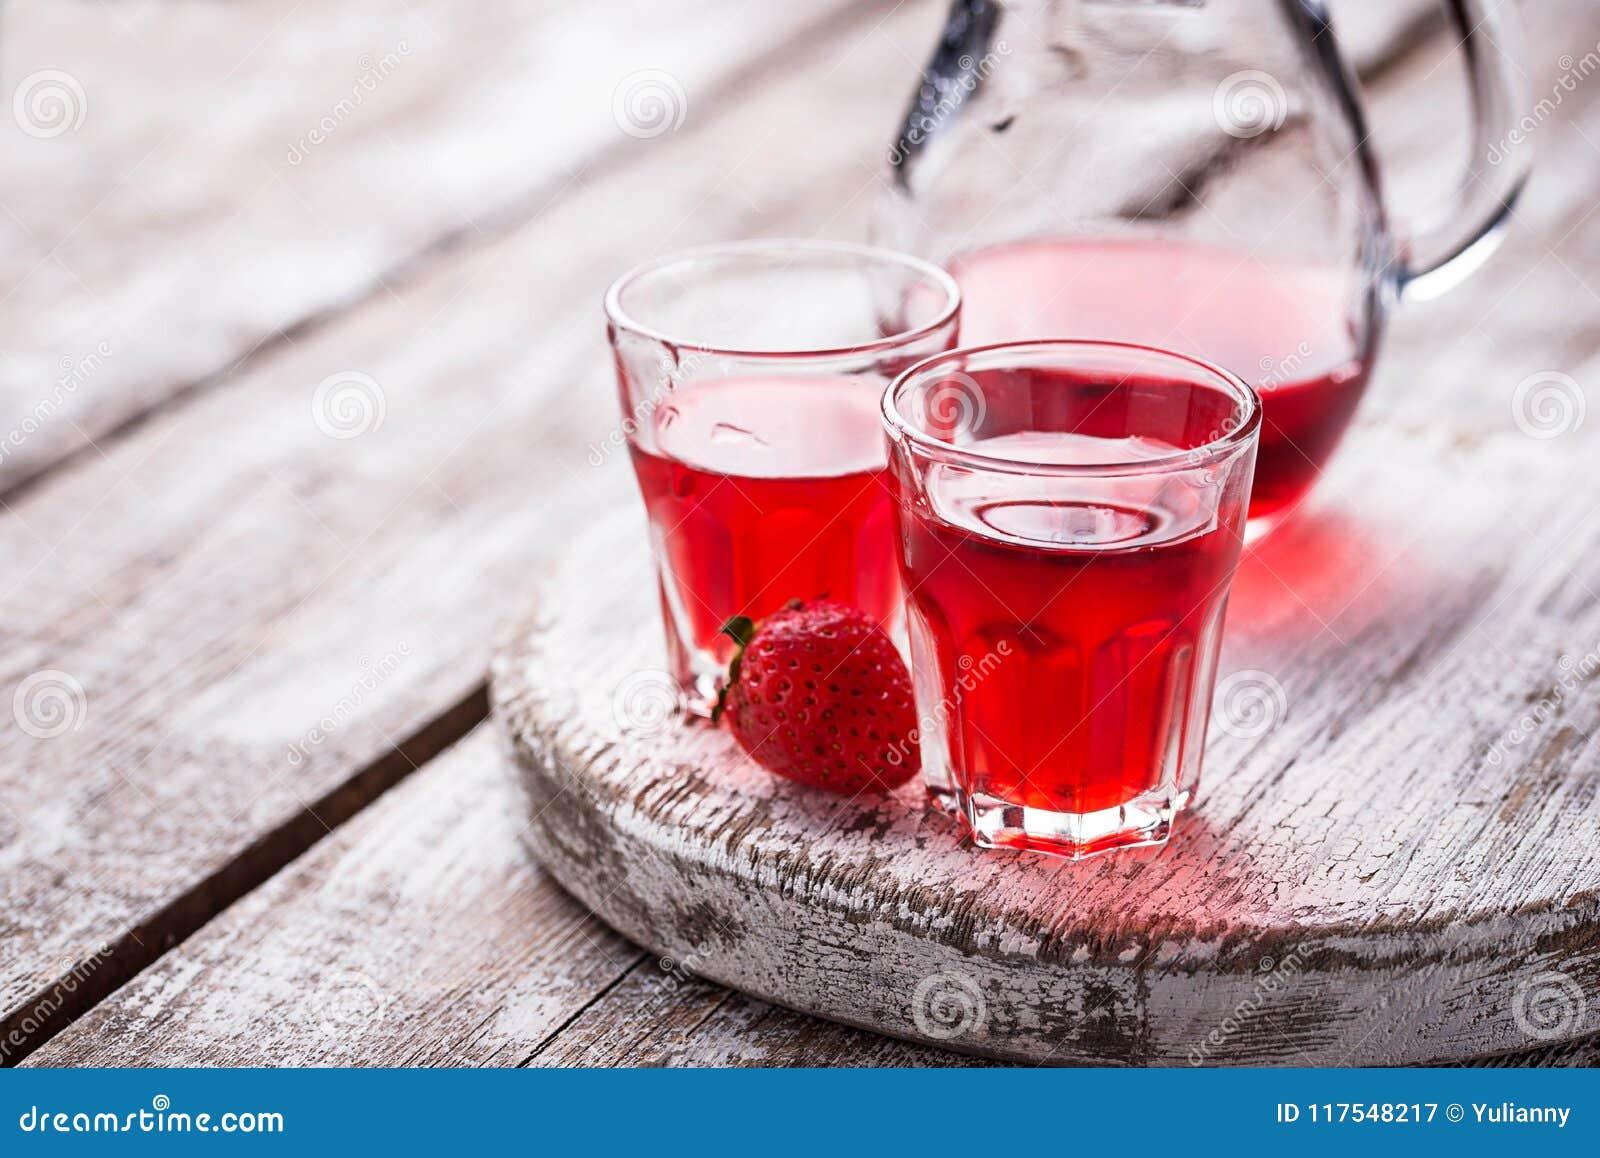 Aardbeialcoholische drank in glazen